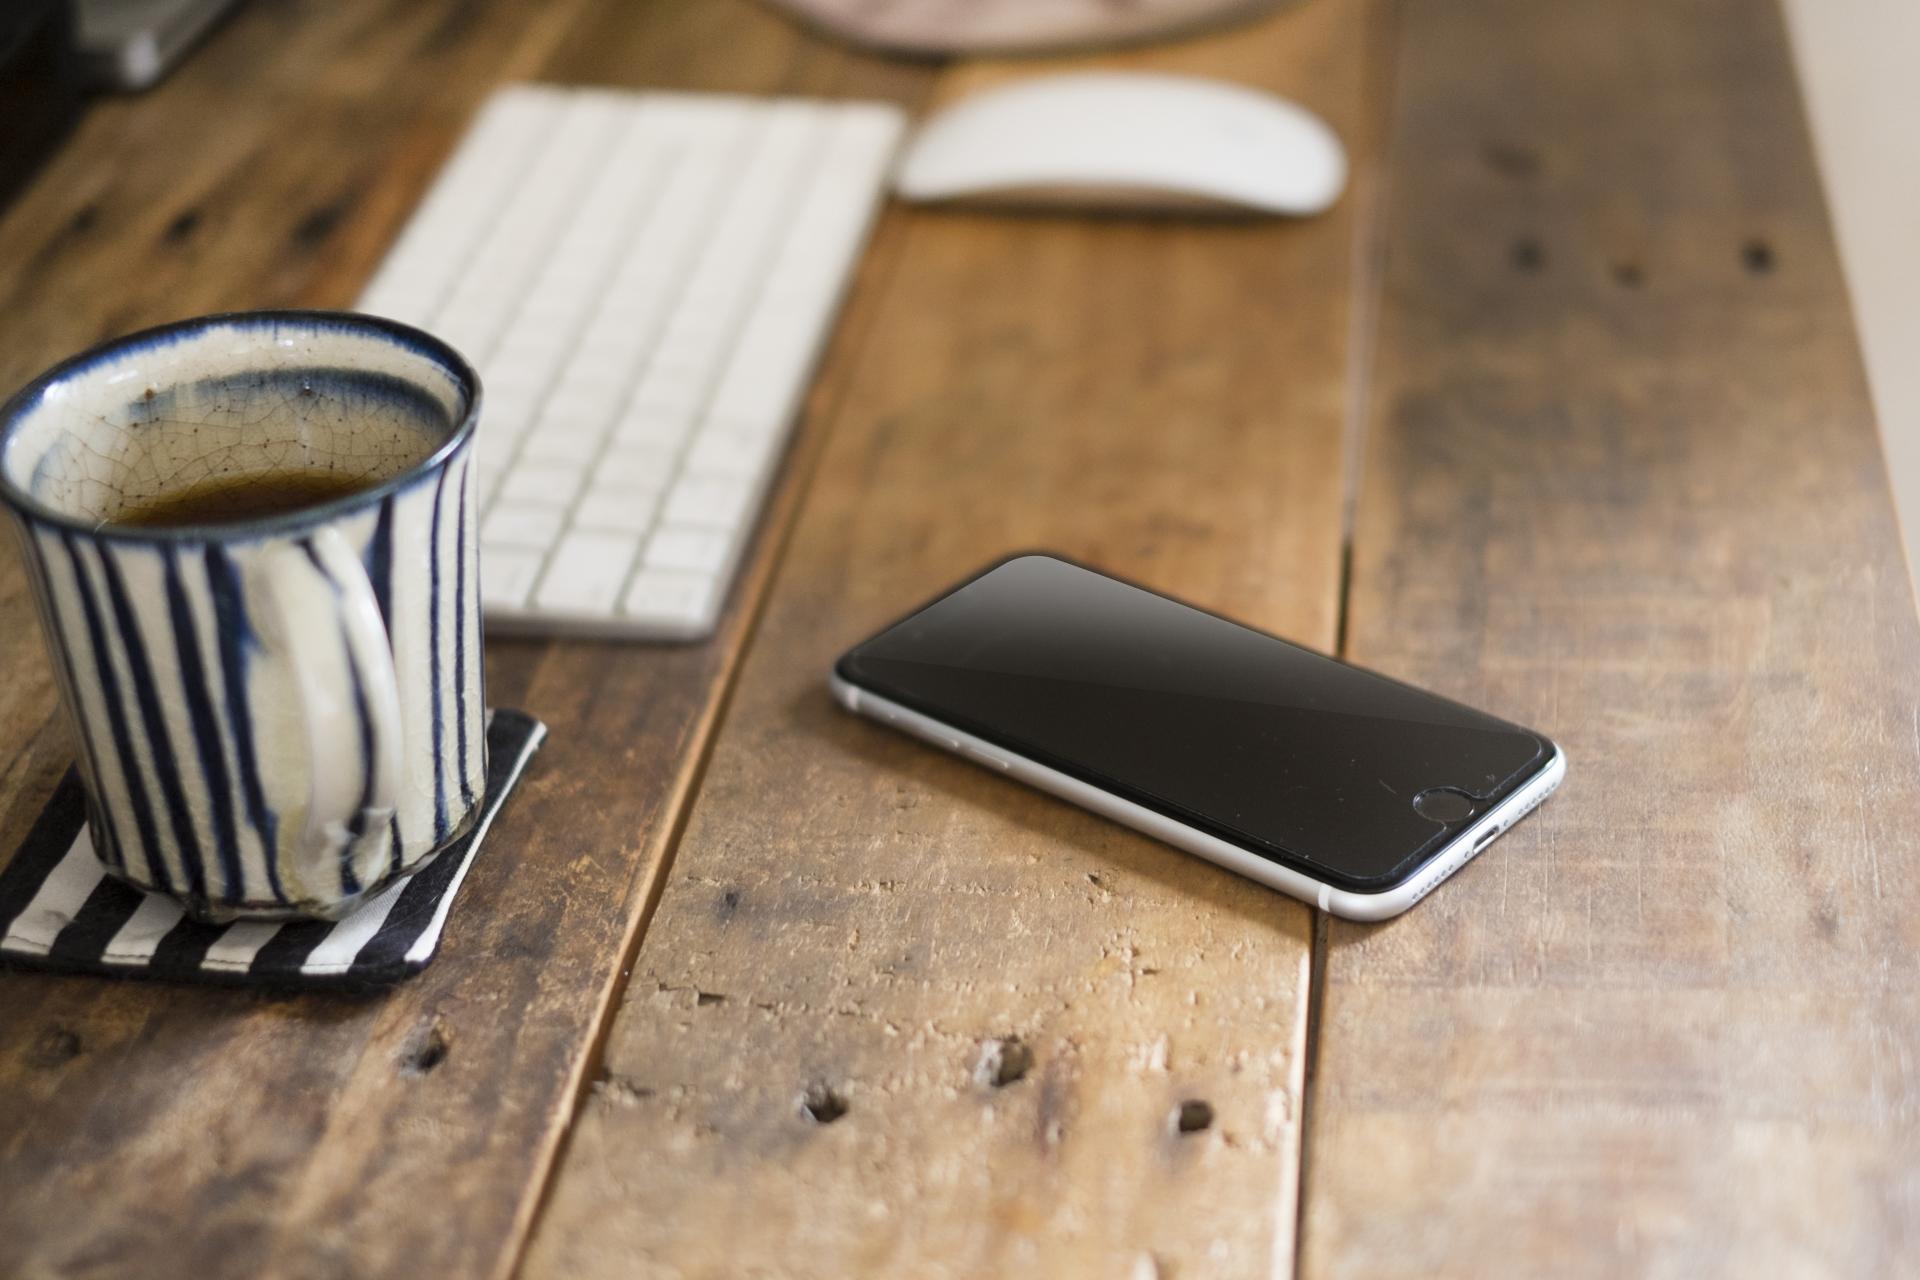 【簡単にiPhoneからプリントアウトする方法】